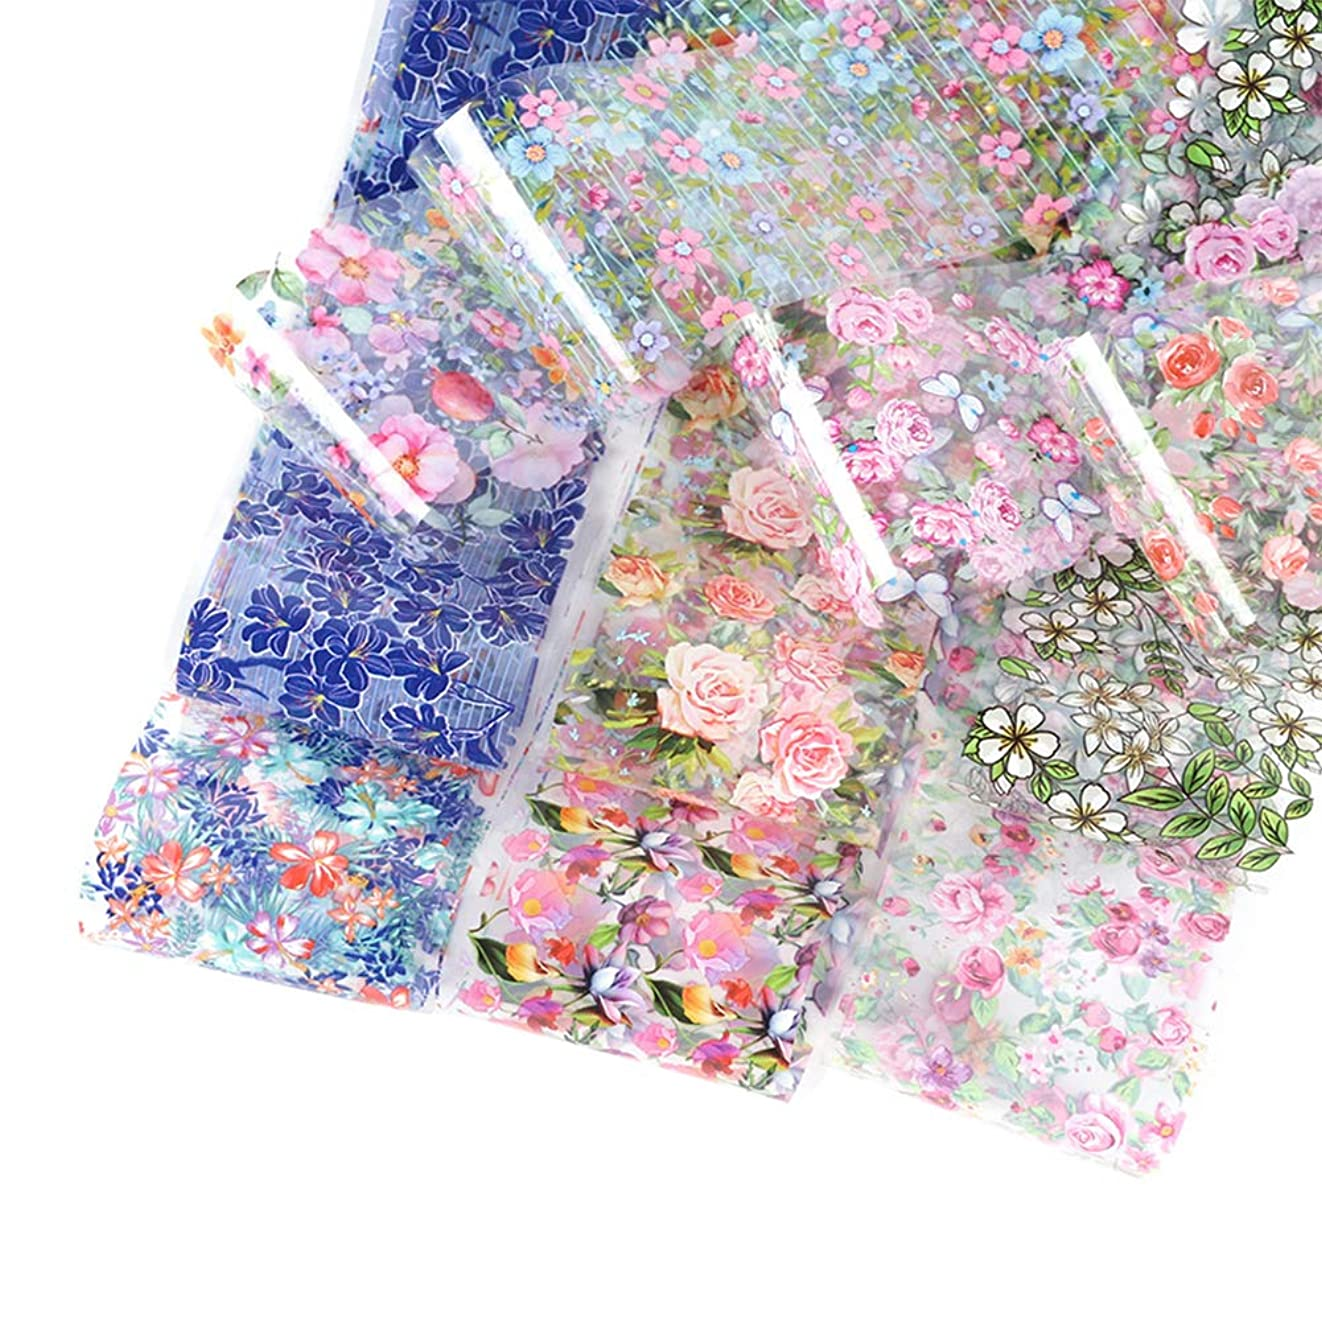 LITI ネイルシール 花柄ネイルホイル 水彩の花 星空ネイル シェル 綺麗な夏 転写ホイル 箔紙 シェルプリント 極薄フィルム 3D デザイン ネイル転印シール ネイルステッカー